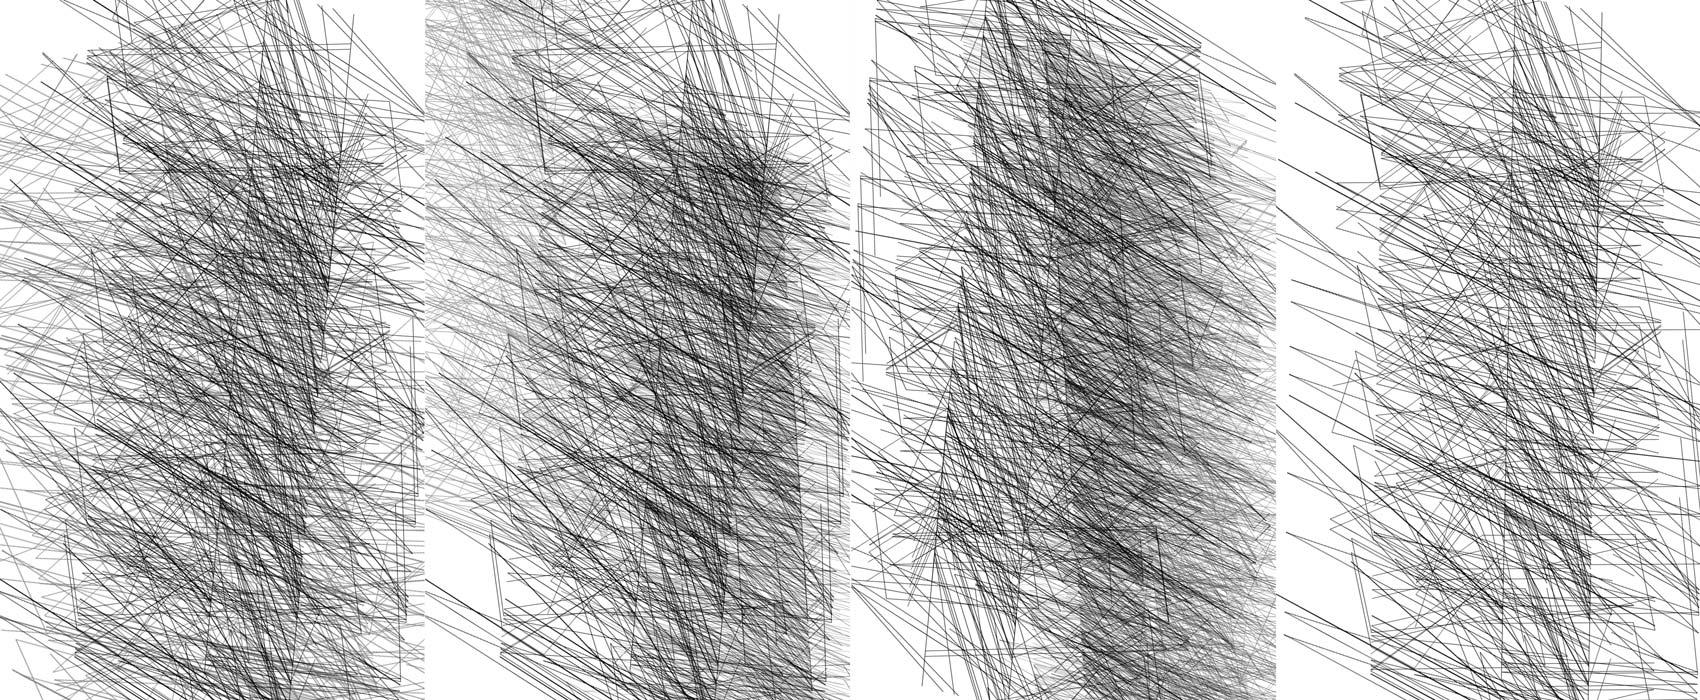 Herwig Steiner(1956L), Konzeptuelle Zeichnung{34}, Ausschnittkonstellation 8 Textbewegungsprotokoll, 2019